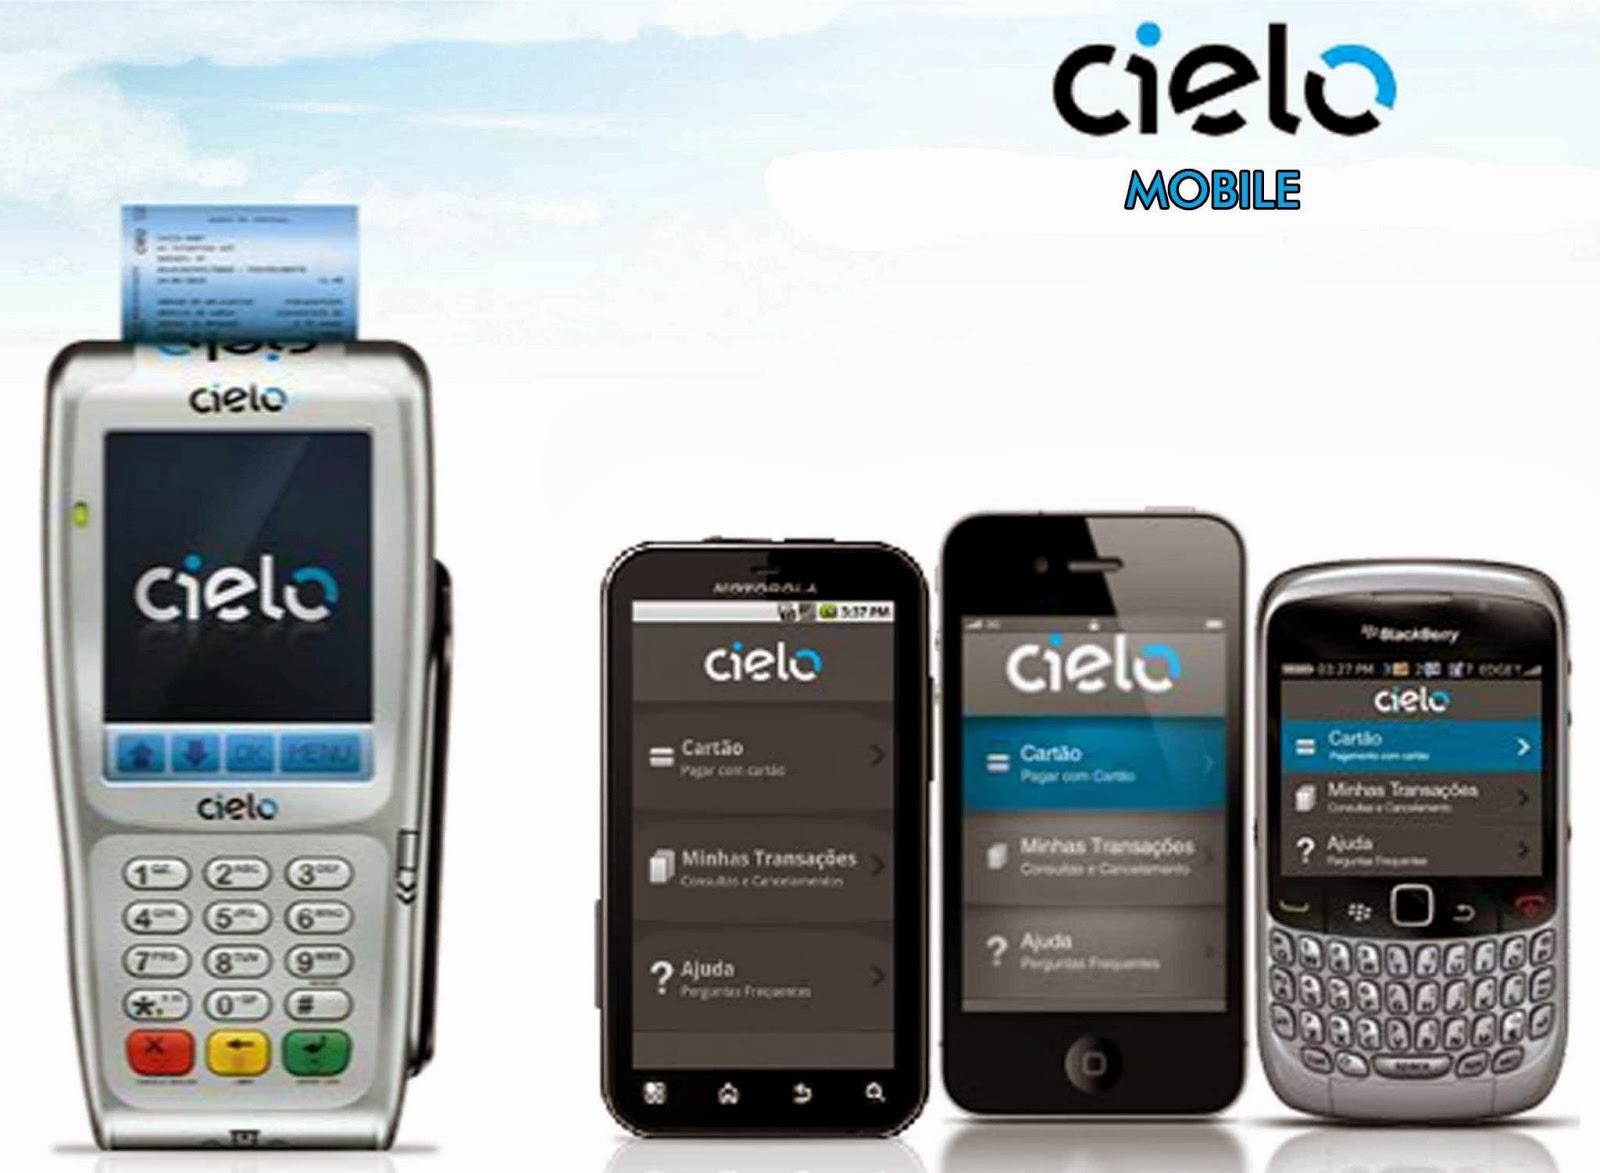 Cielo Mobile com Leitor de Cartão – Como Baixar Aplicativo